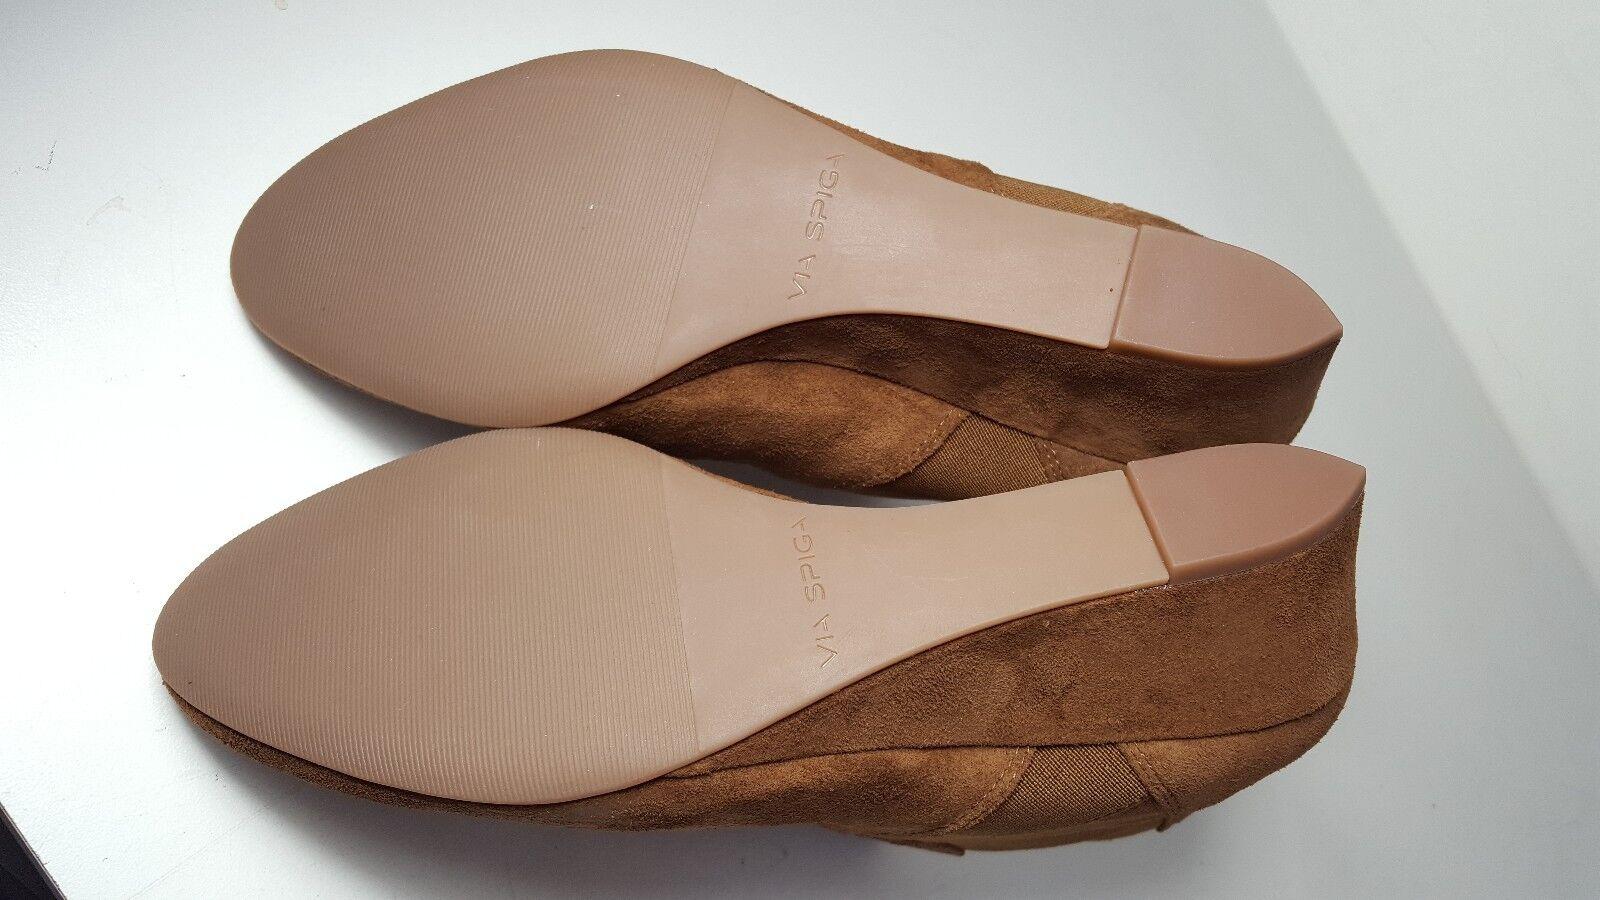 250 Größe Größe Größe 7 Via Spiga Harlie braun Suede Wedge Ankle Stiefelie damen schuhe NEW 4bbe1b